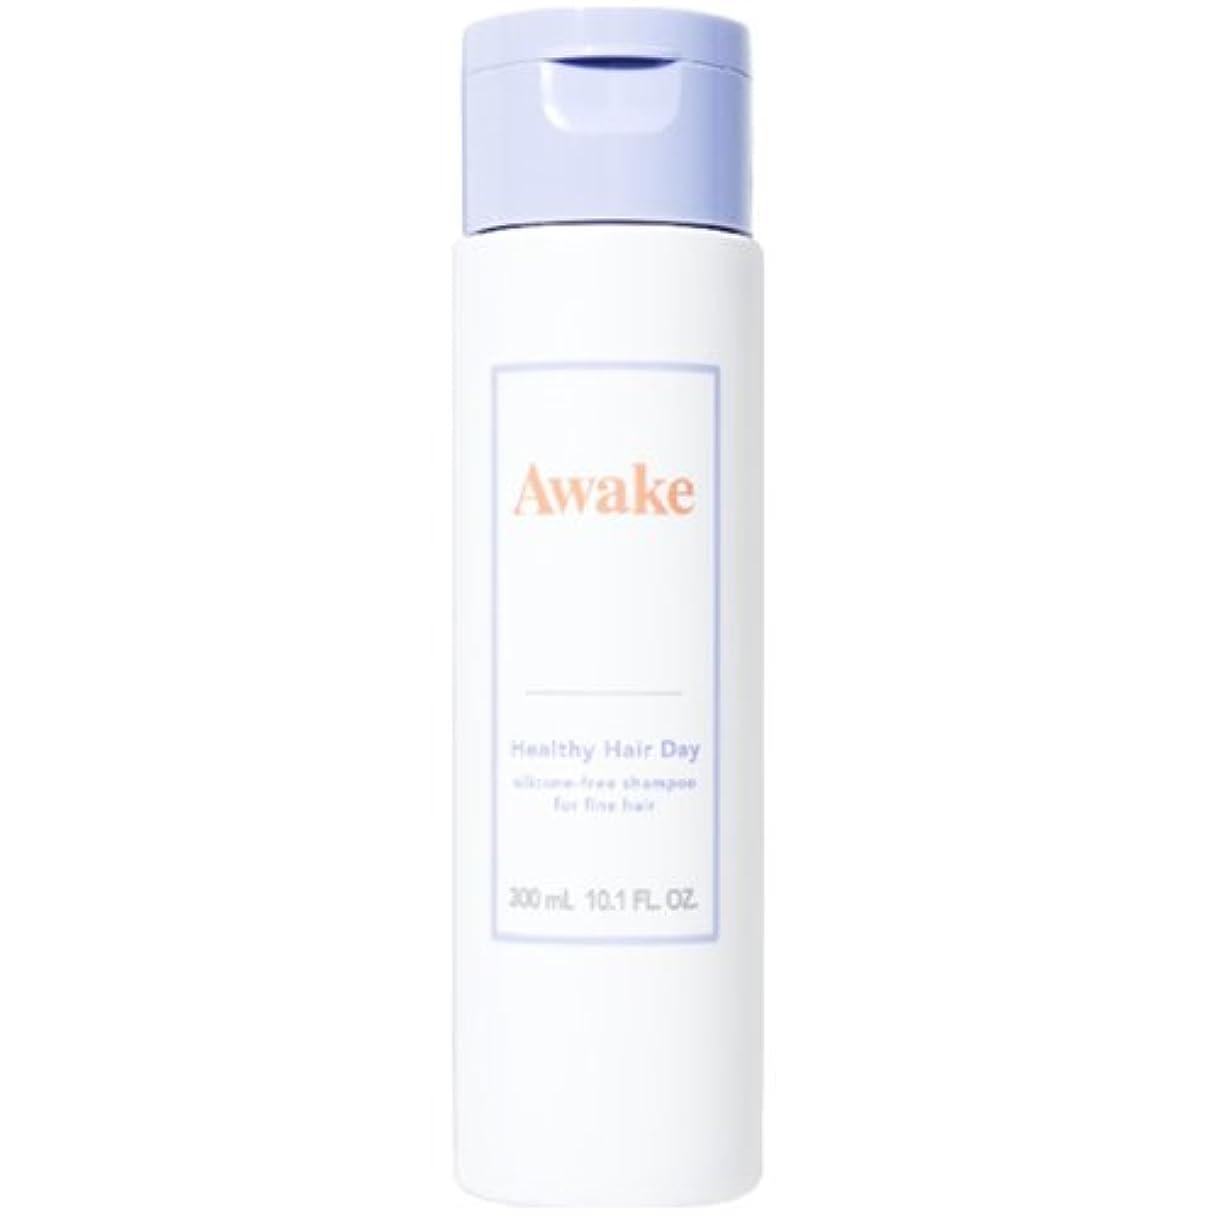 メダリスト人類膨張するアウェイク(AWAKE) Awake(アウェイク) ヘルシーヘアデイ シリコーンフリー ヘアシャンプー ハリコシアップヘア用 (300mL)